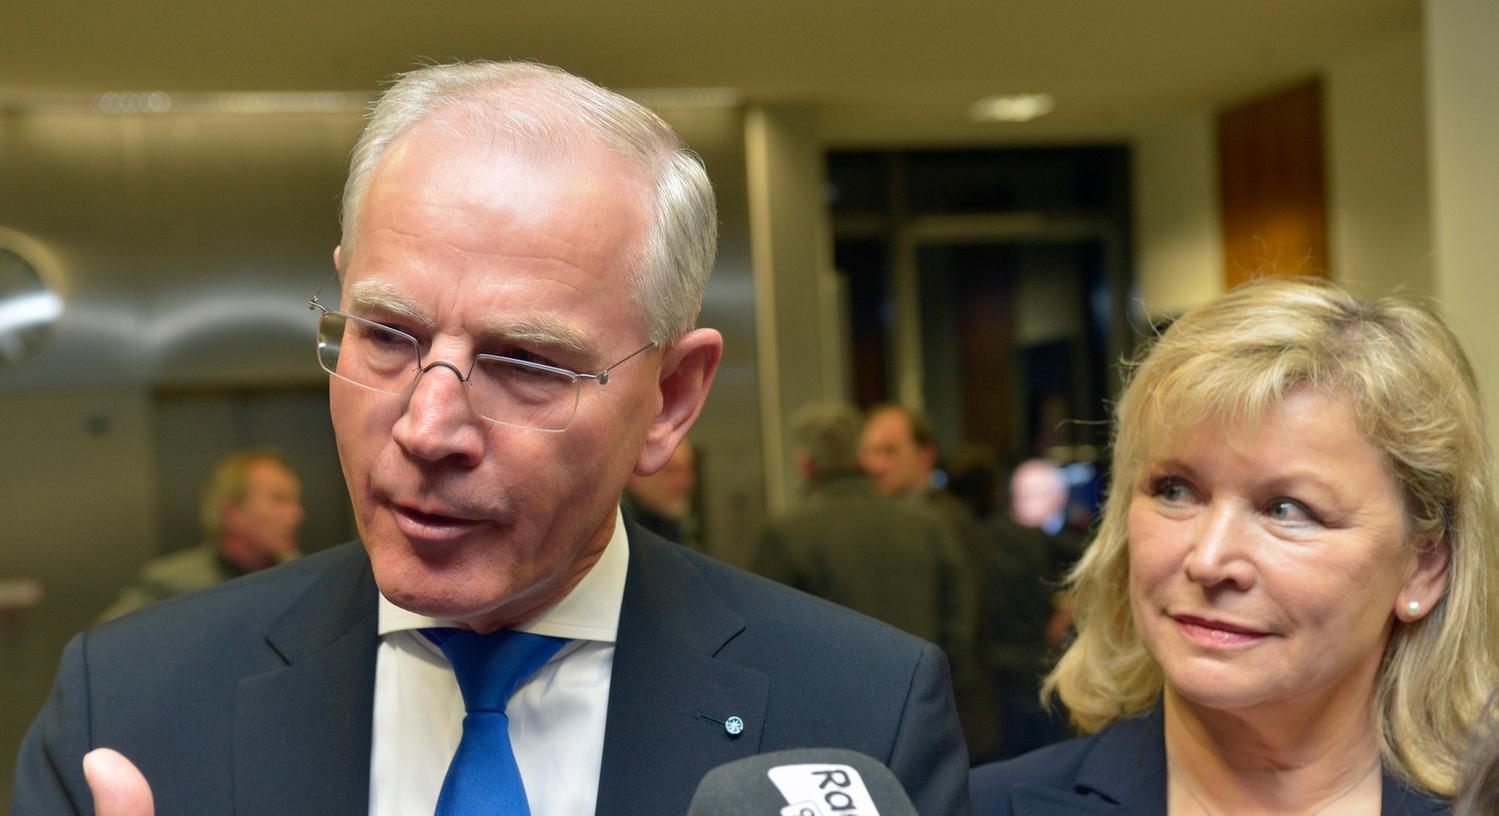 Die Ernüchterung stand Siegfried Balleis am Sonntagabend ins Gesicht geschrieben. Er verlor im Vergleich zur letzten Kommunalwahl im Jahr 2008 deutlich an Stimmen und muss in die Stichwahl gegen Florian Janik von der SPD.